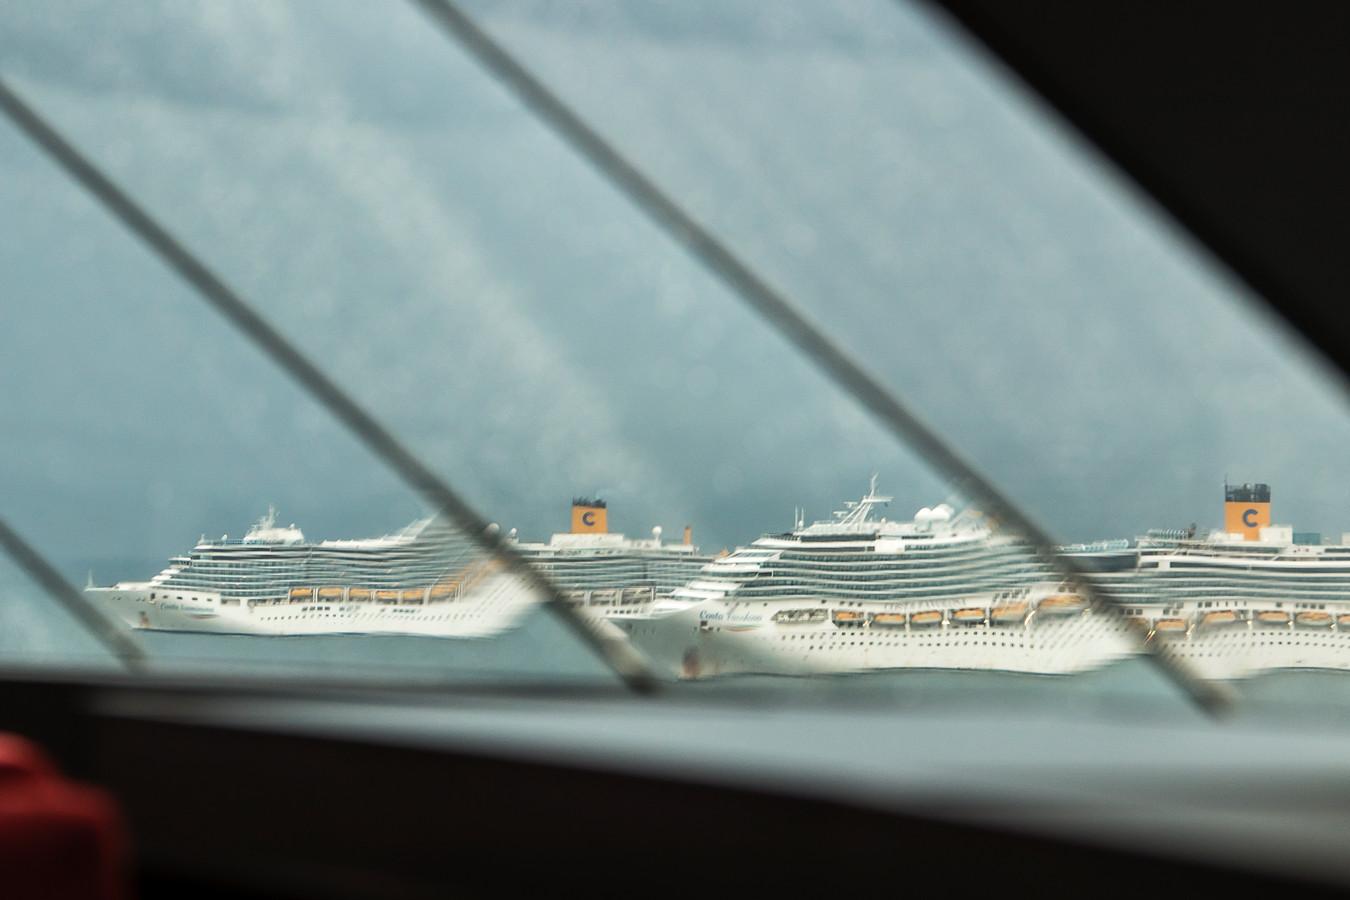 Bijna alle cruiseschepen, op eentje na, liggen stil en wachten op betere tijden. Zoals hier in de haven van Civitavecchia, gefotografeerd door het raam van de MSC Grandiosa.